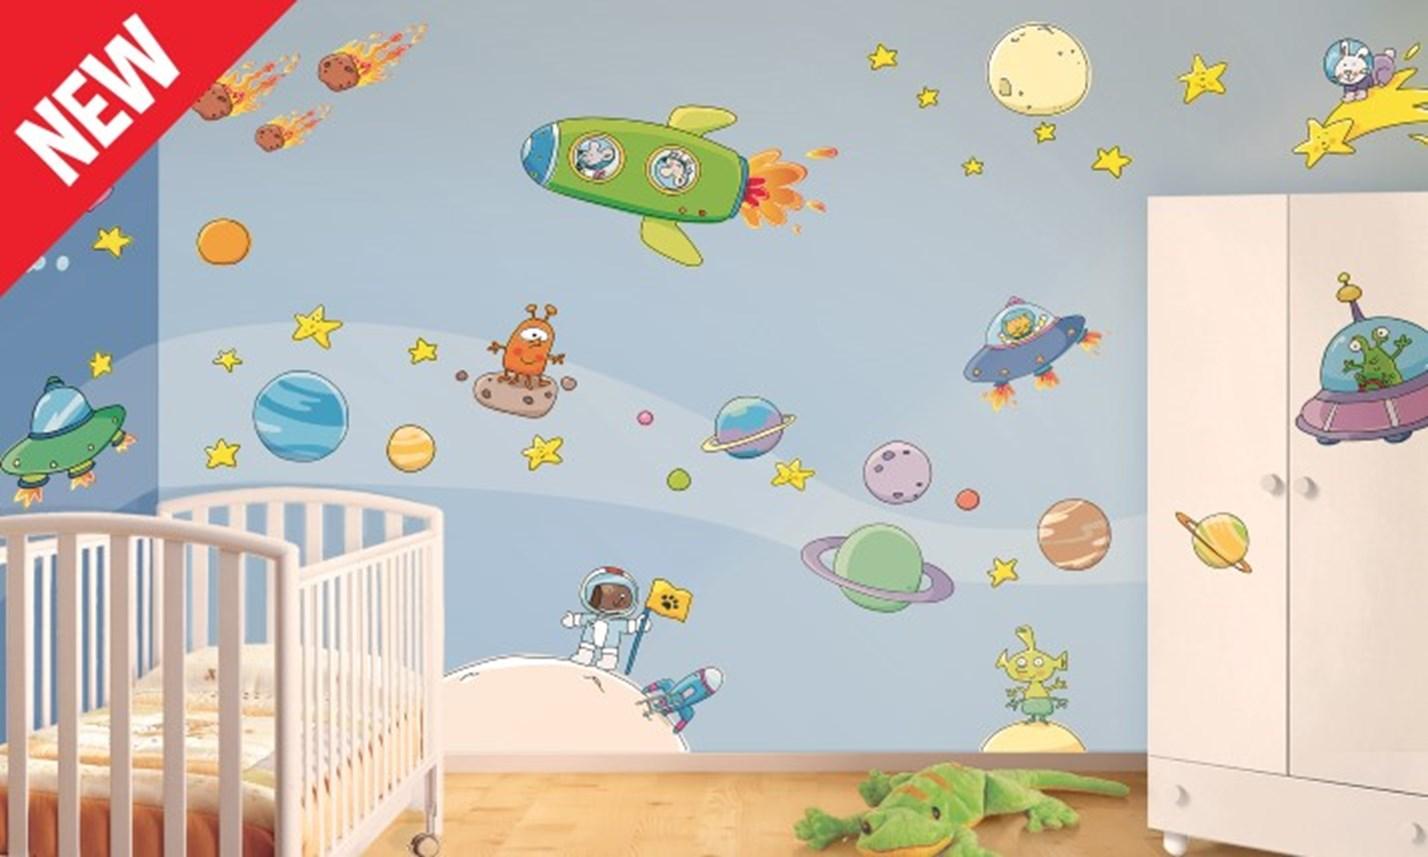 Stickers murali bambini cameretta viaggio nello spazio for Decorazioni camerette bambini immagini